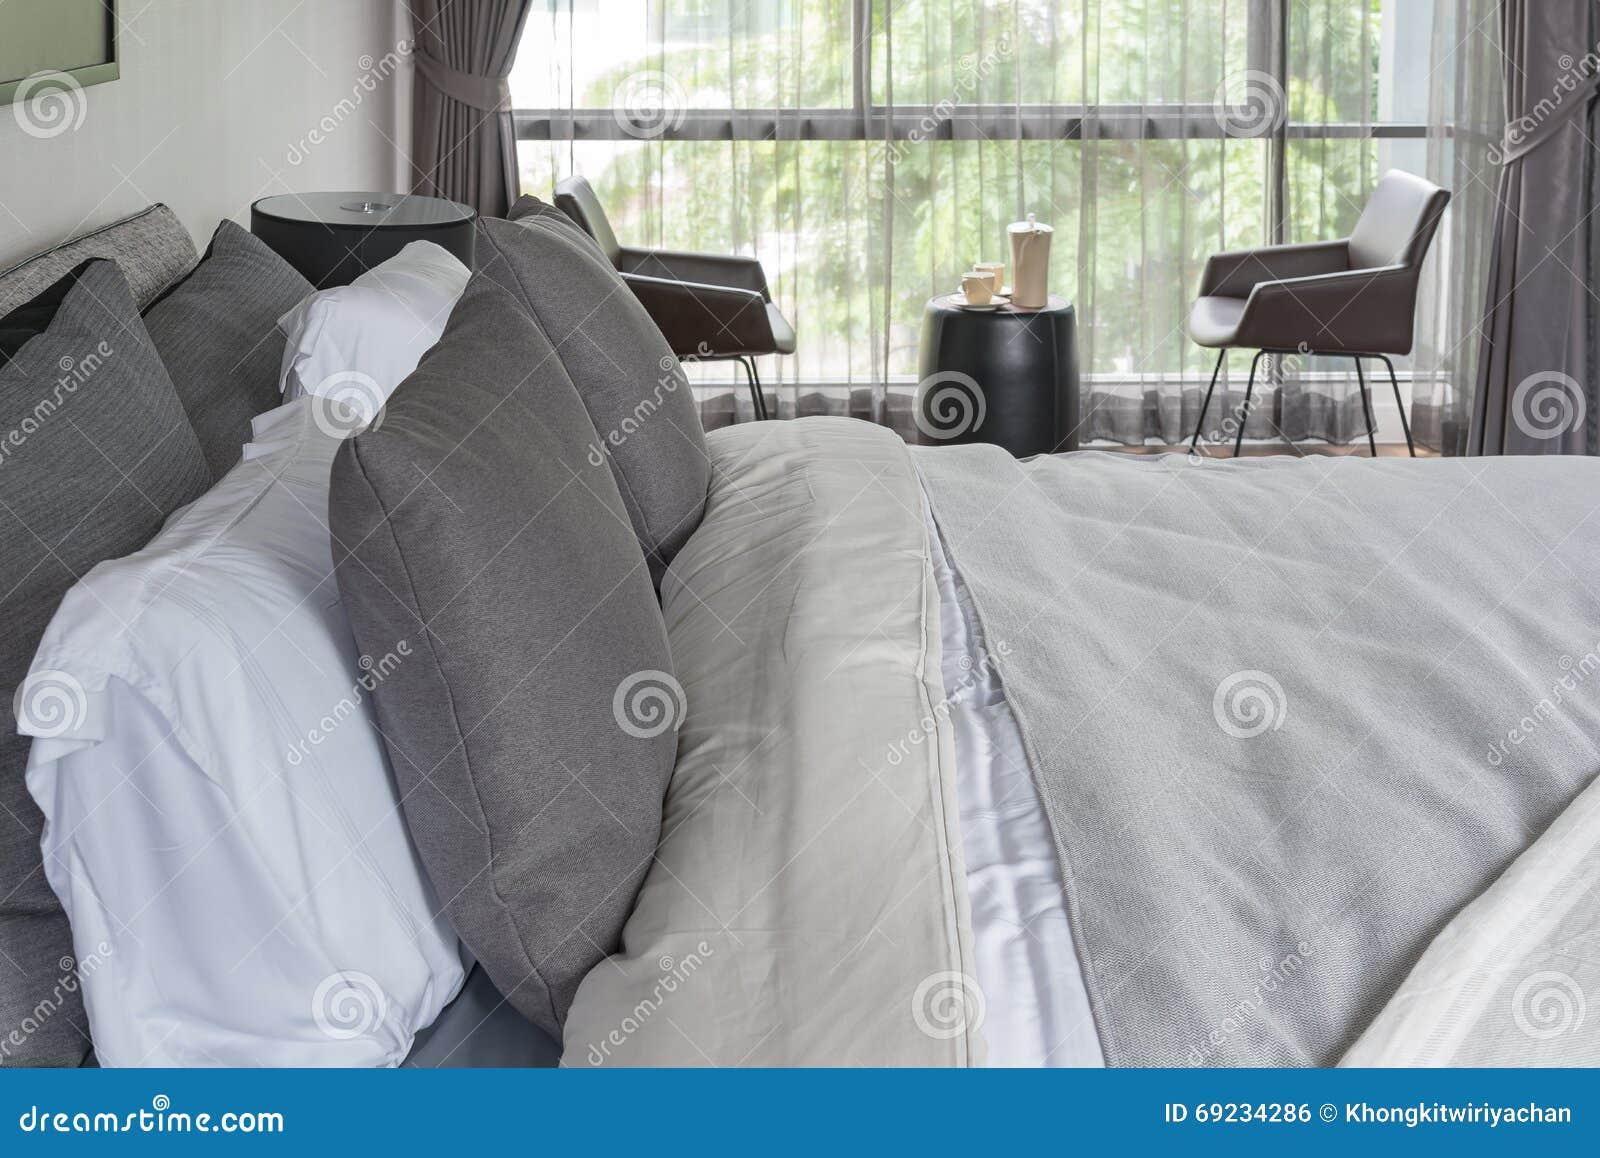 Colore grigio camera da letto : colore pareti camera da letto ...